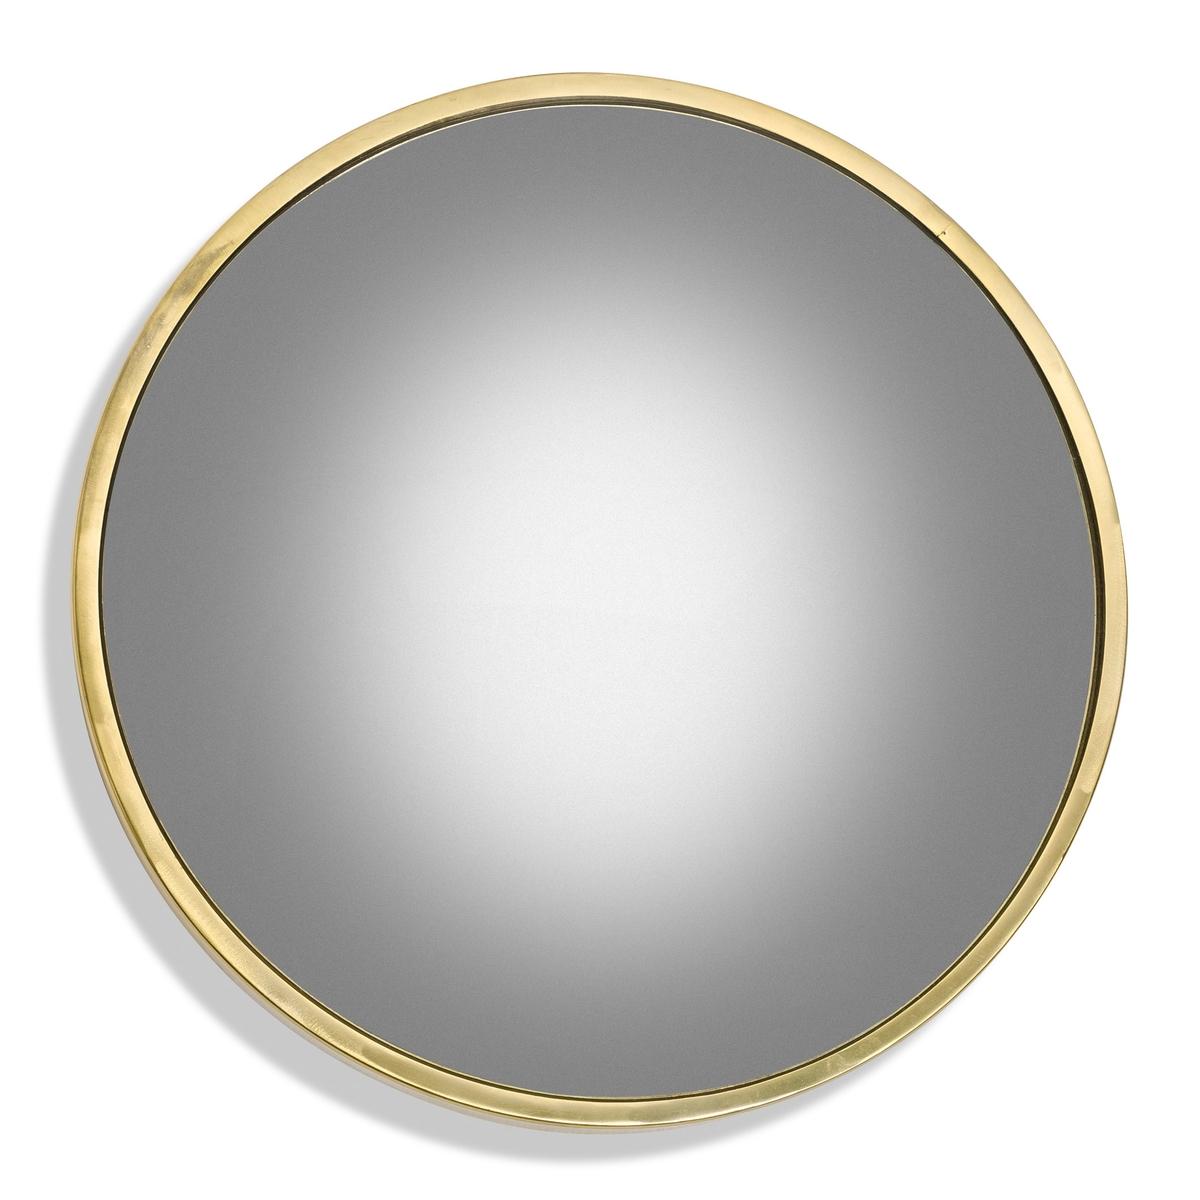 Зеркало волшебное Mombo, большая модель Ø58 см